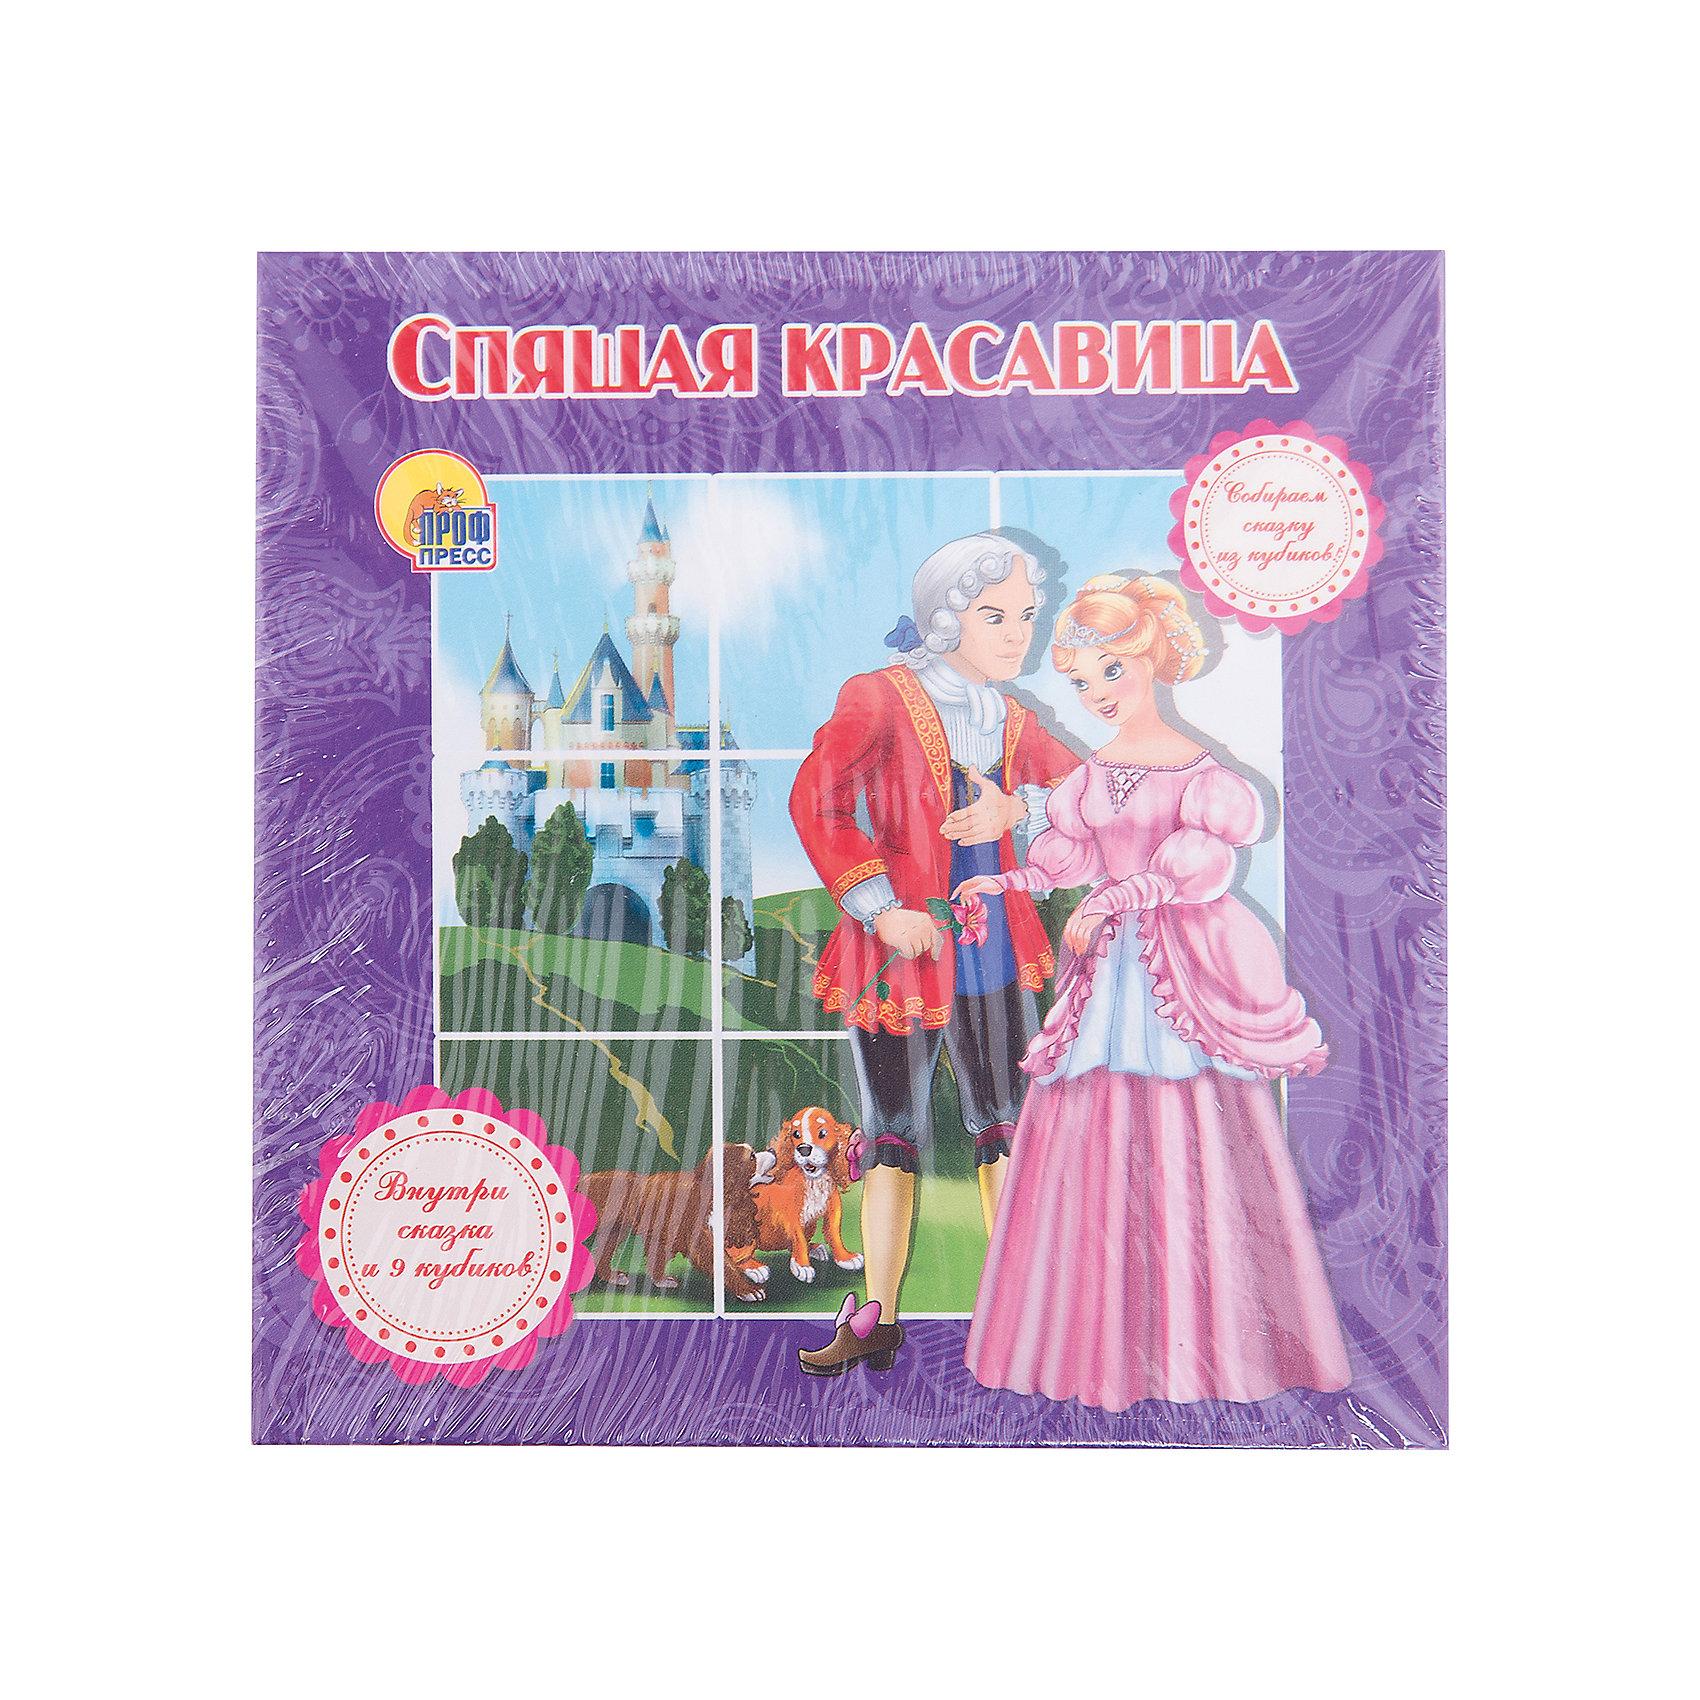 Книжка-игрушка Спящая красавицаЭта серия книг - одновременно развивающие игрушки, набор кубиков, из которых можно собрать картинку из сказки. Книги - это лучший подарок не только взрослым, они помогают детям познавать мир и учиться читать, также книги позволяют ребенку весело проводить время. Они также стимулируют развитие воображения, логики и творческого мышления.<br>Это издание сделано специально для детей - с плотными страничками, и яркими картинками, которые обязательно понравятся малышам! Книга сделана из качественных и безопасных для детей материалов.<br>  <br>Дополнительная информация:<br><br>размер: 15х5х15 см;<br>кубиков: 9 шт;<br>вес: 305 г.<br><br>Книжку-игрушку Спящая красавица от издательства Проф-Пресс можно купить в нашем магазине.<br><br>Ширина мм: 145<br>Глубина мм: 52<br>Высота мм: 145<br>Вес г: 305<br>Возраст от месяцев: 0<br>Возраст до месяцев: 60<br>Пол: Унисекс<br>Возраст: Детский<br>SKU: 4787286